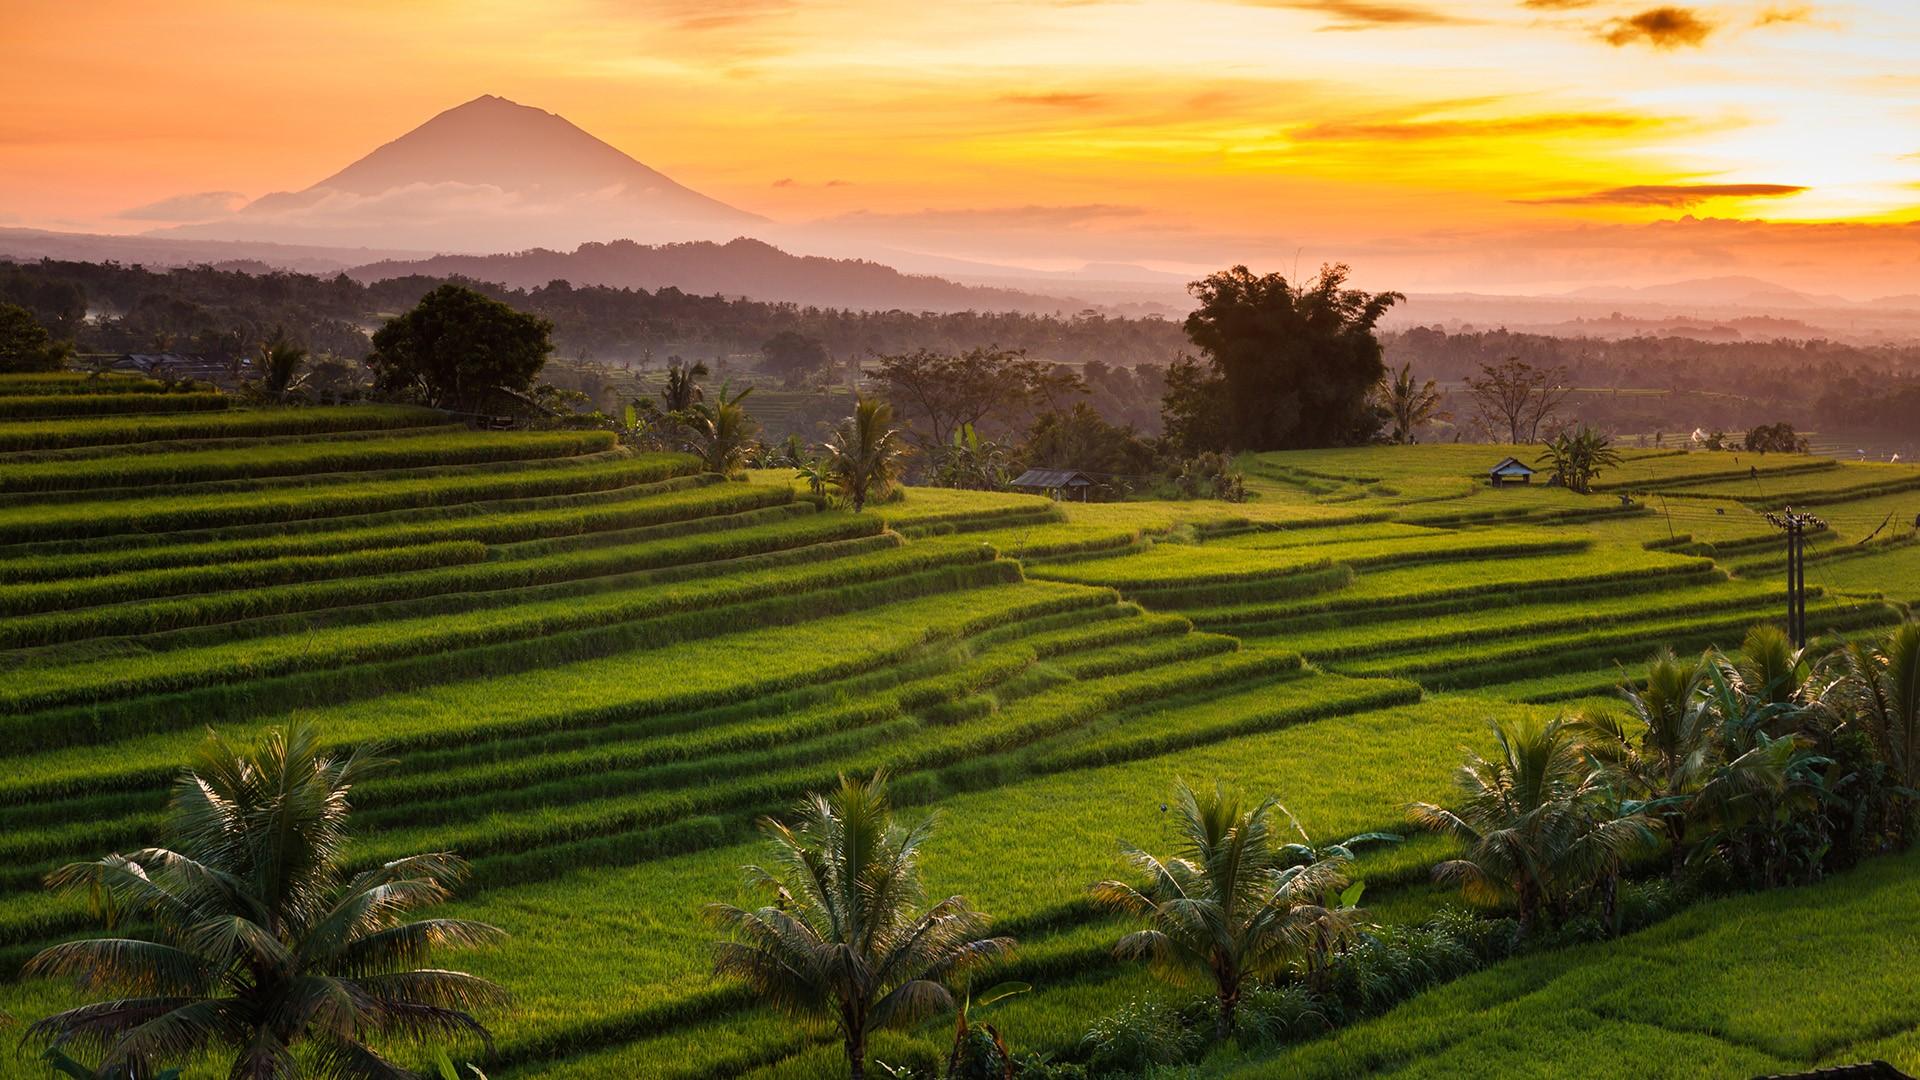 bali jatiluwih rizières luxuriantes au coucher de soleil